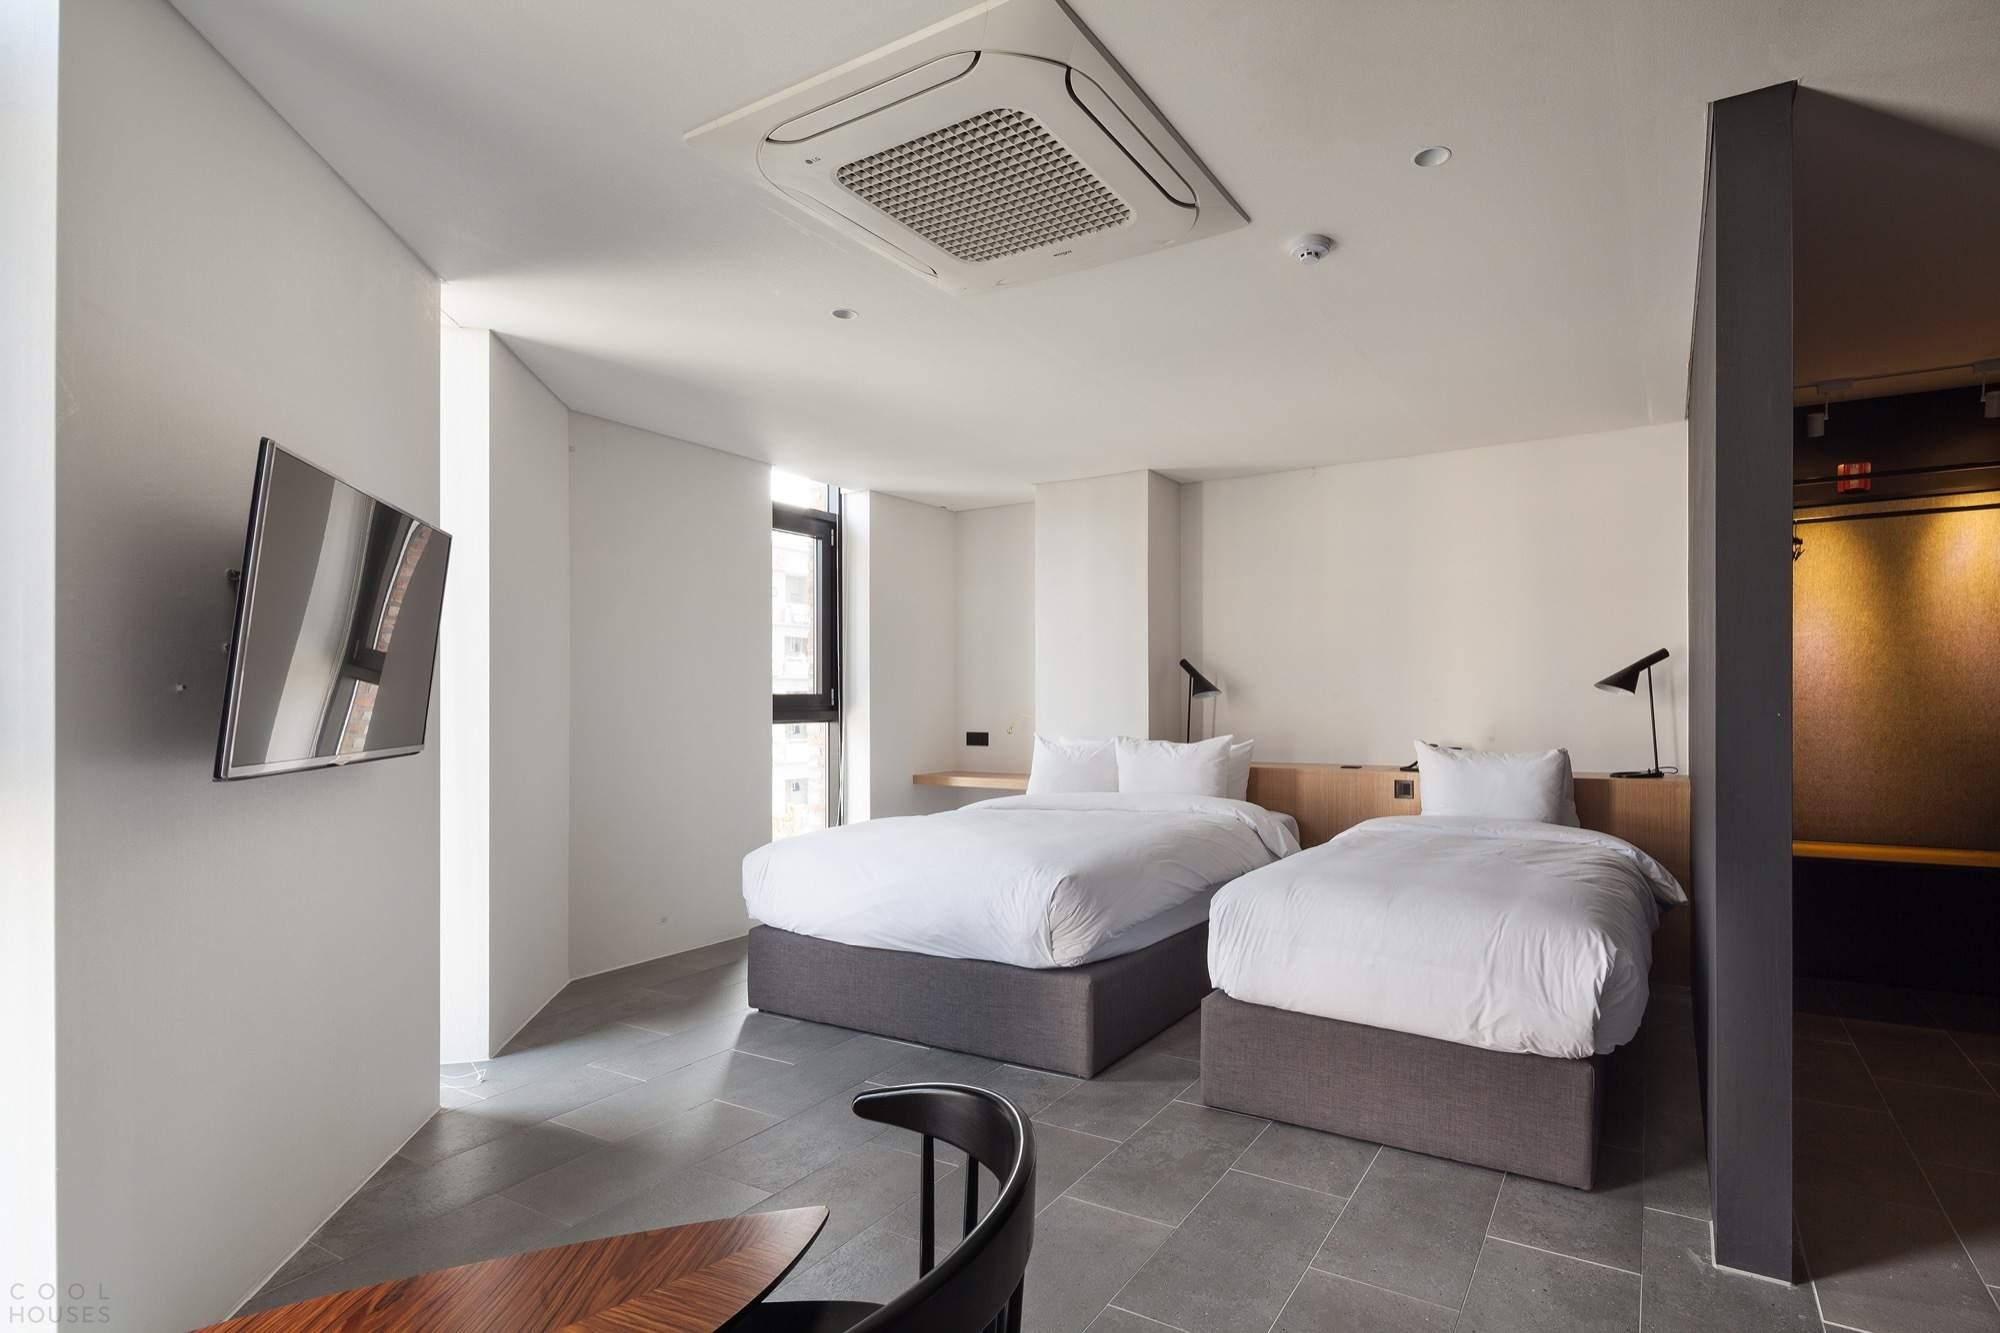 Отель с нестандартной архитектурой в Южной Корее